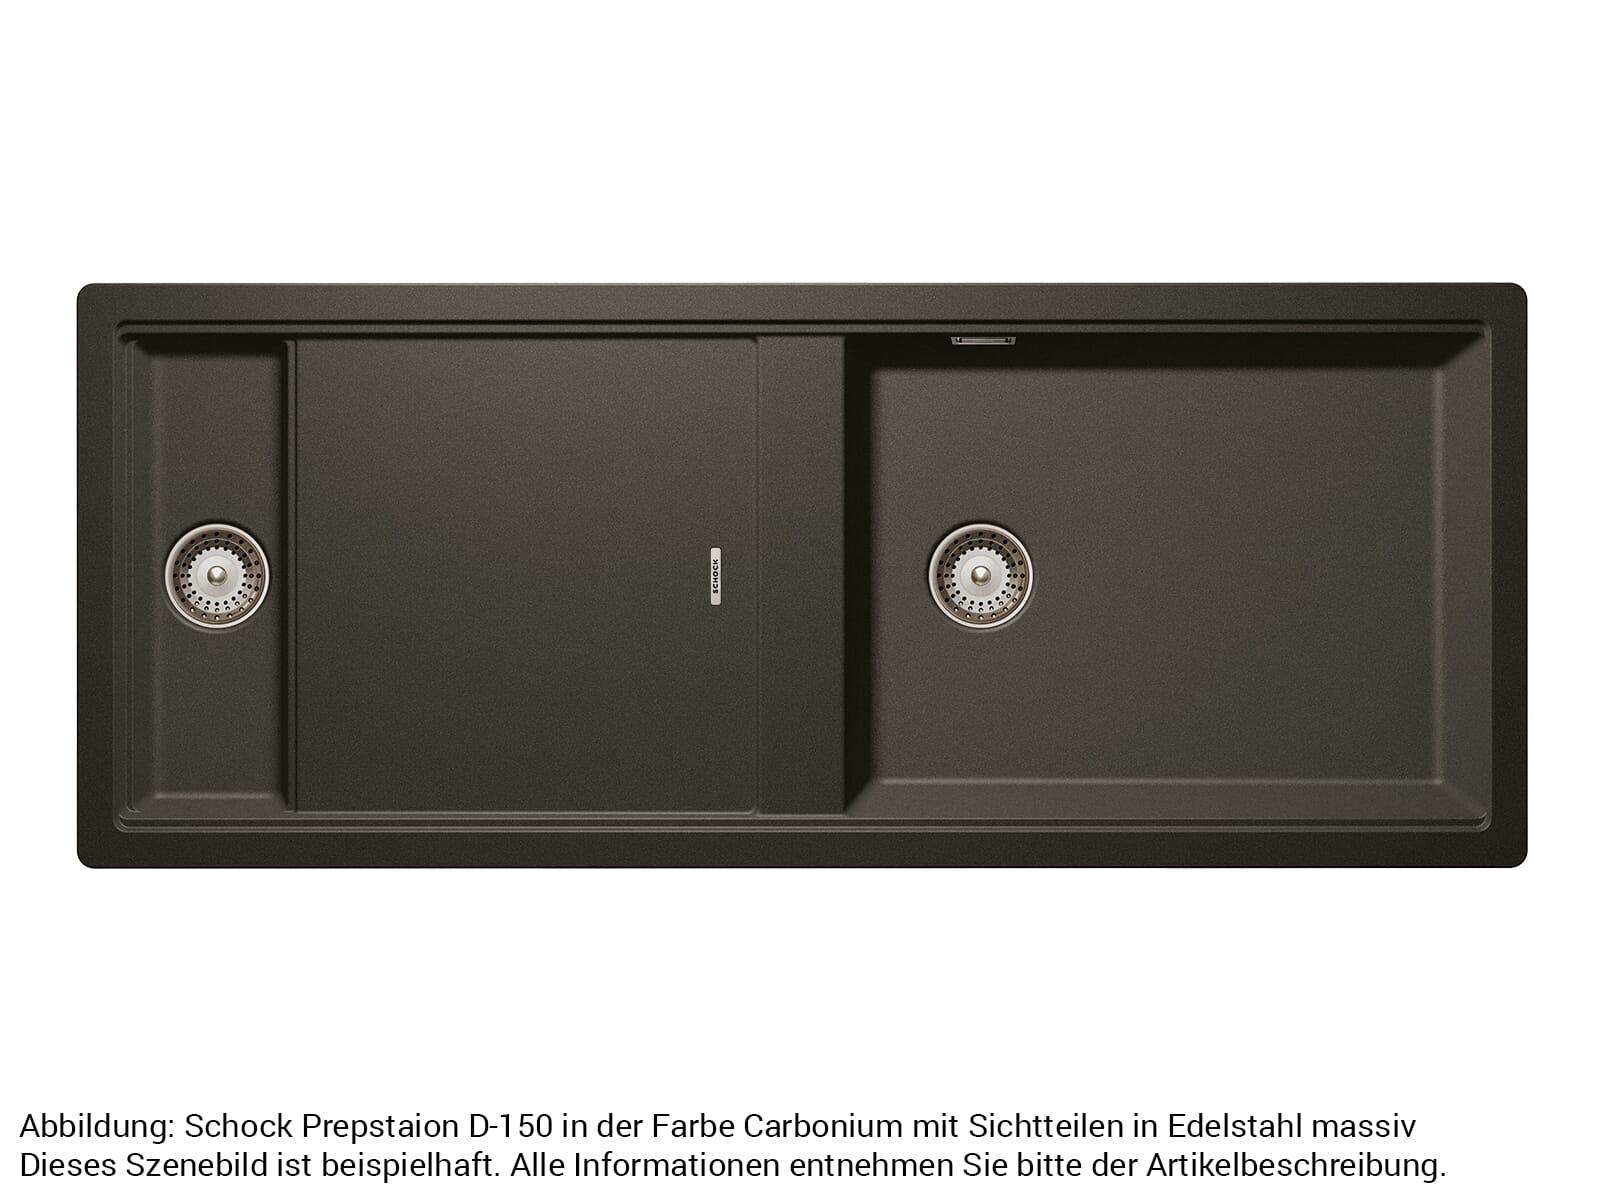 Schock 629620EDM - Sichtteile Edelstahl massiv